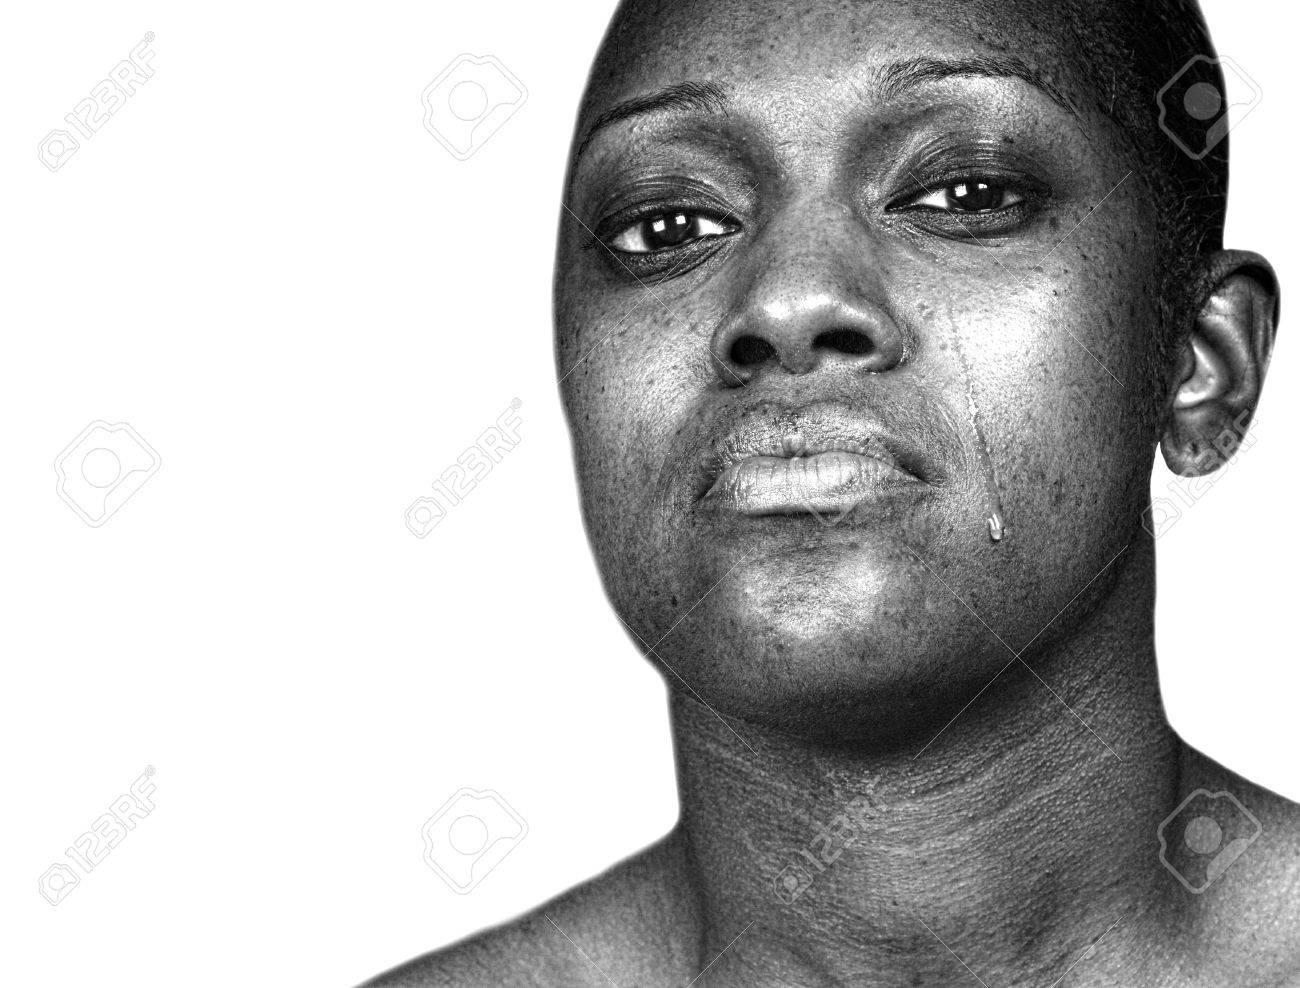 blanc femme noir eboney sexe